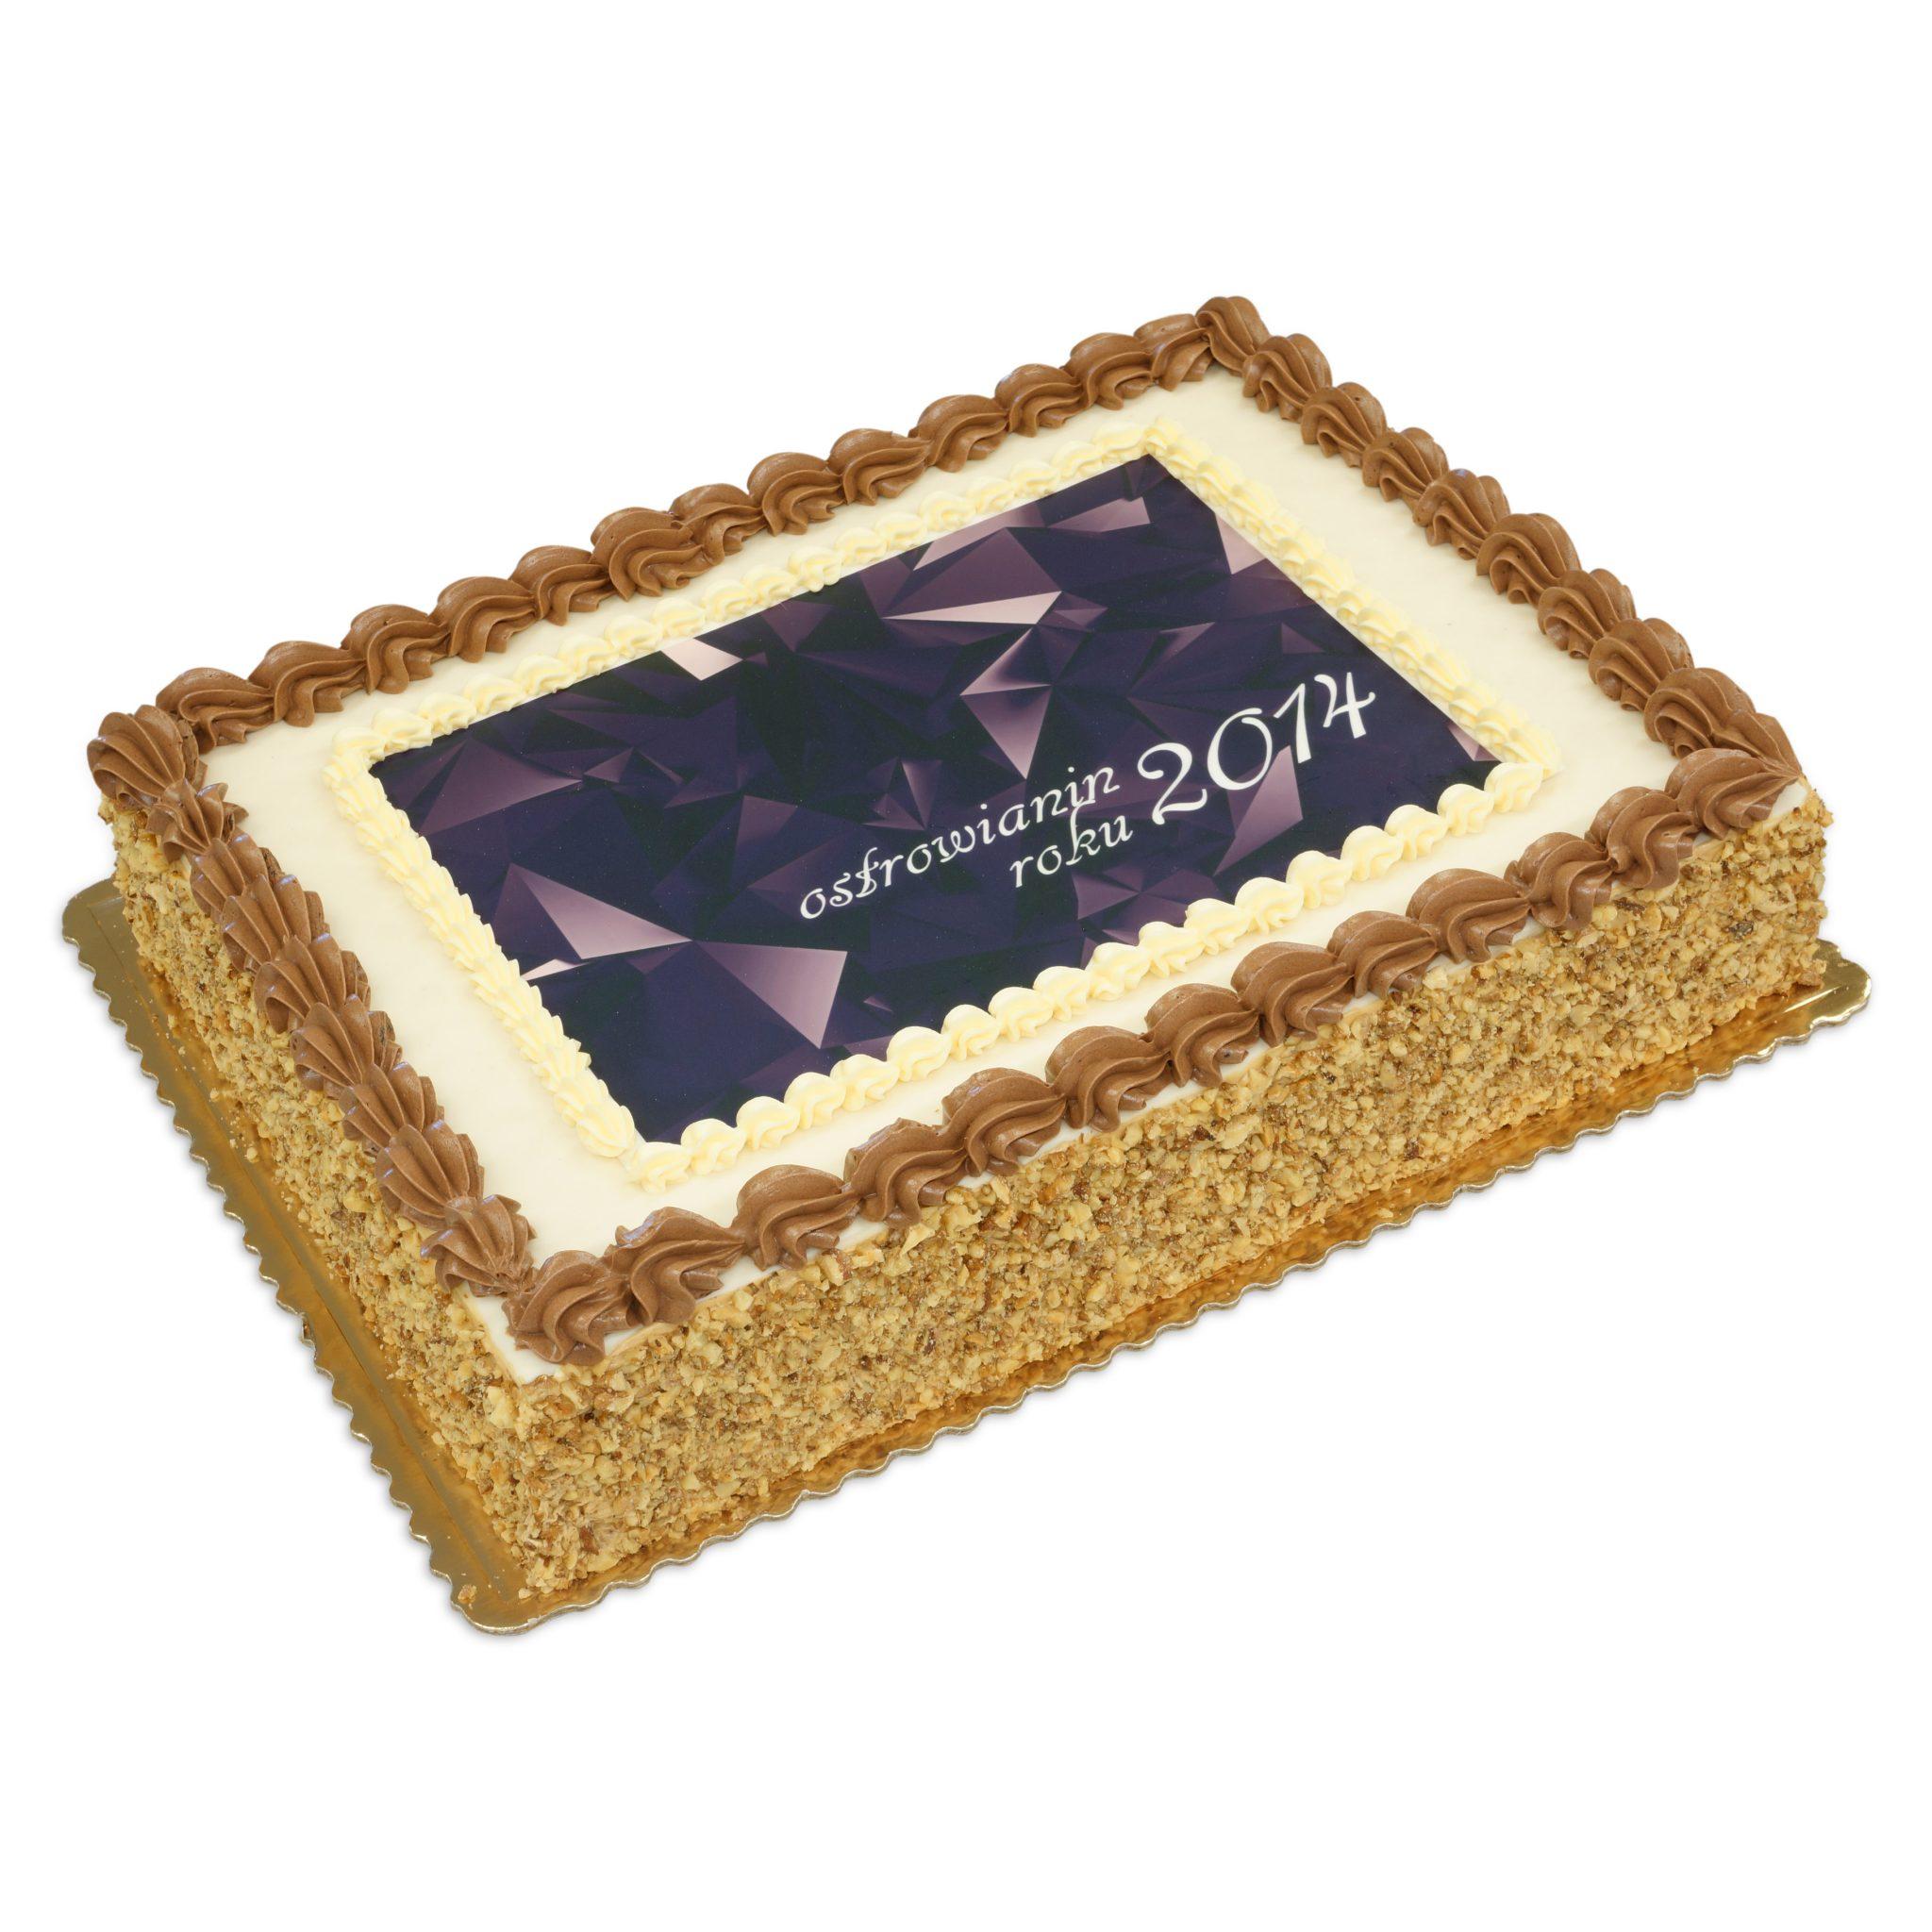 tort ostrowianin roku 2014